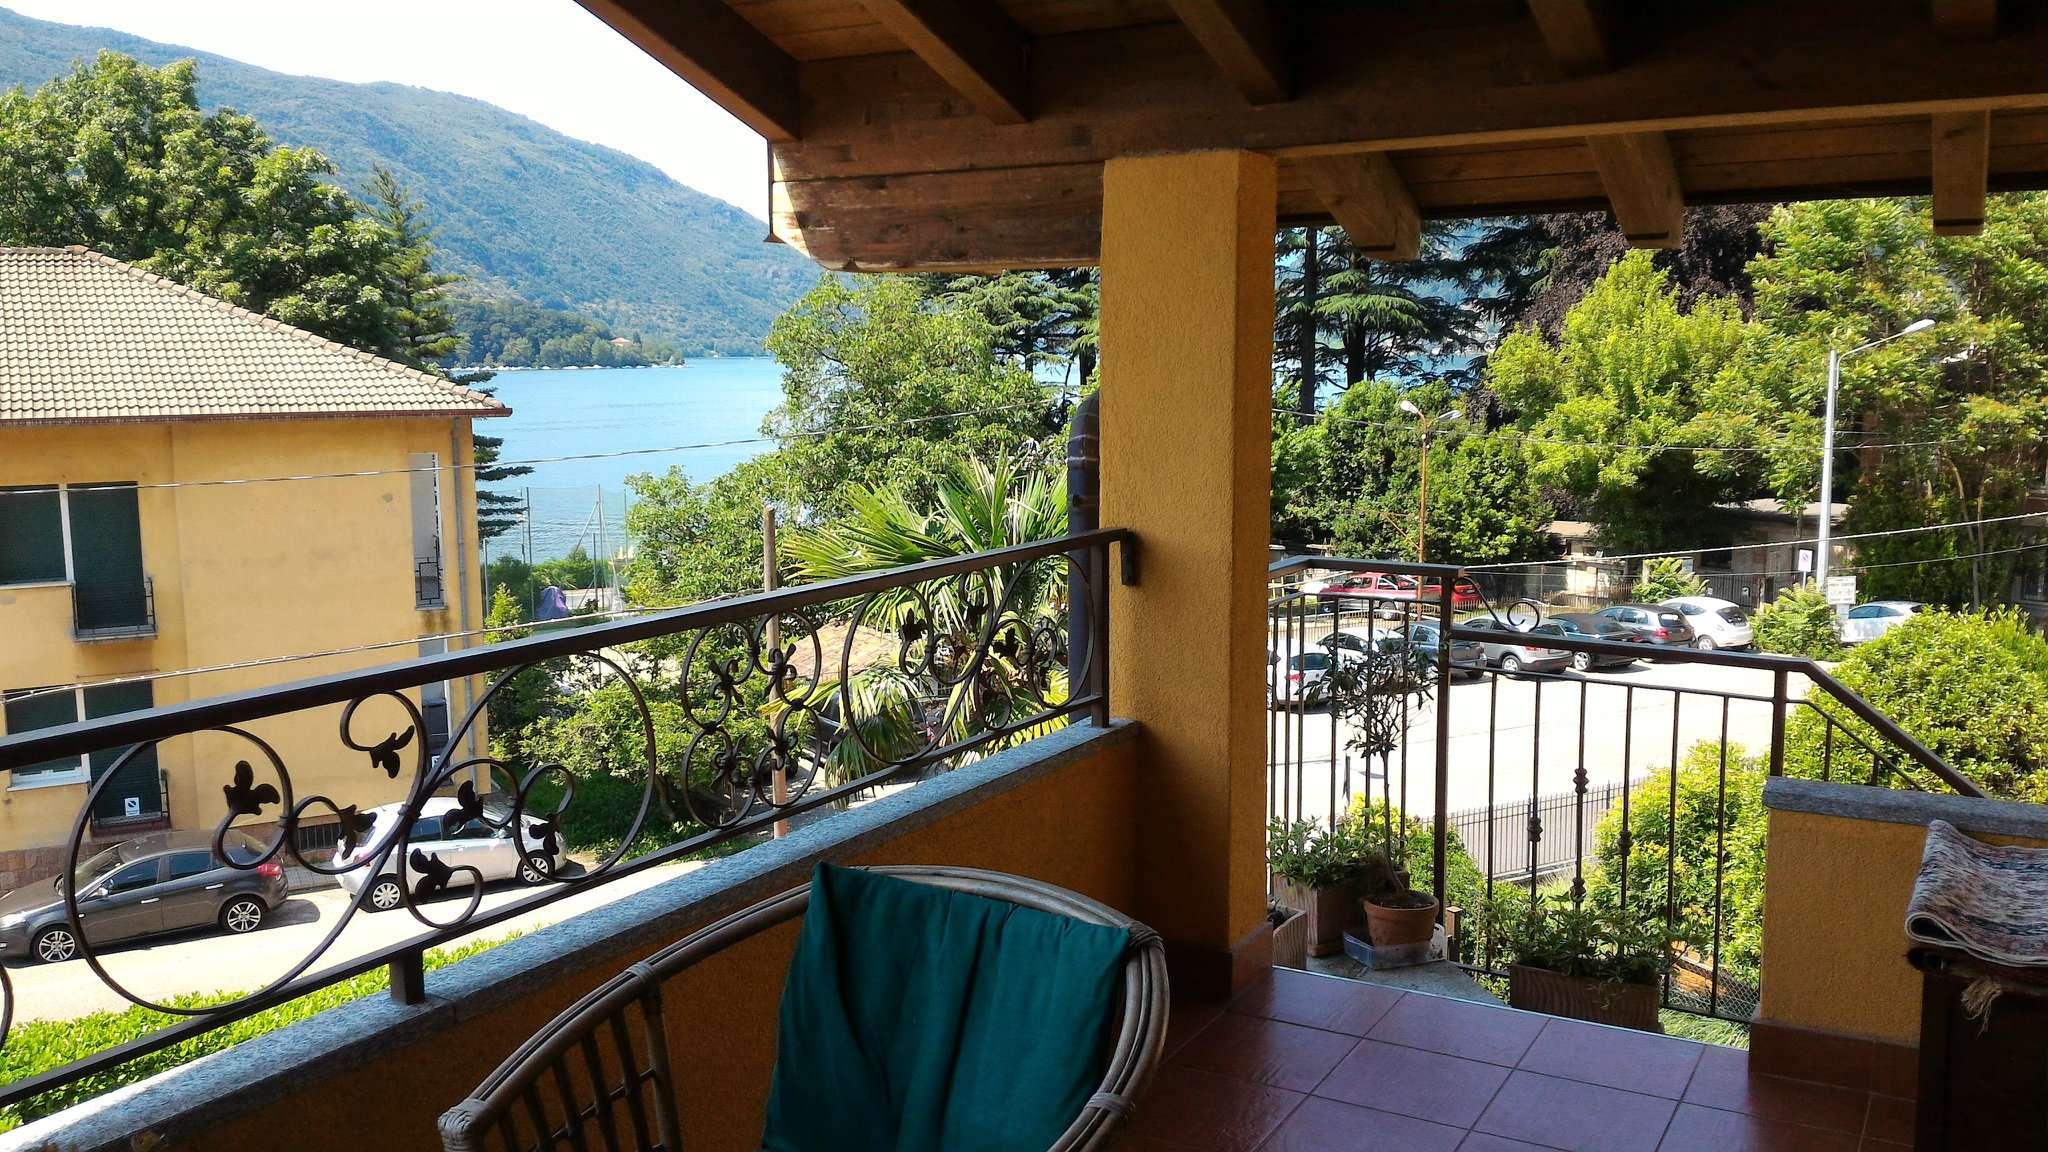 Appartamento in vendita a Porto Ceresio, 2 locali, prezzo € 160.000 | CambioCasa.it